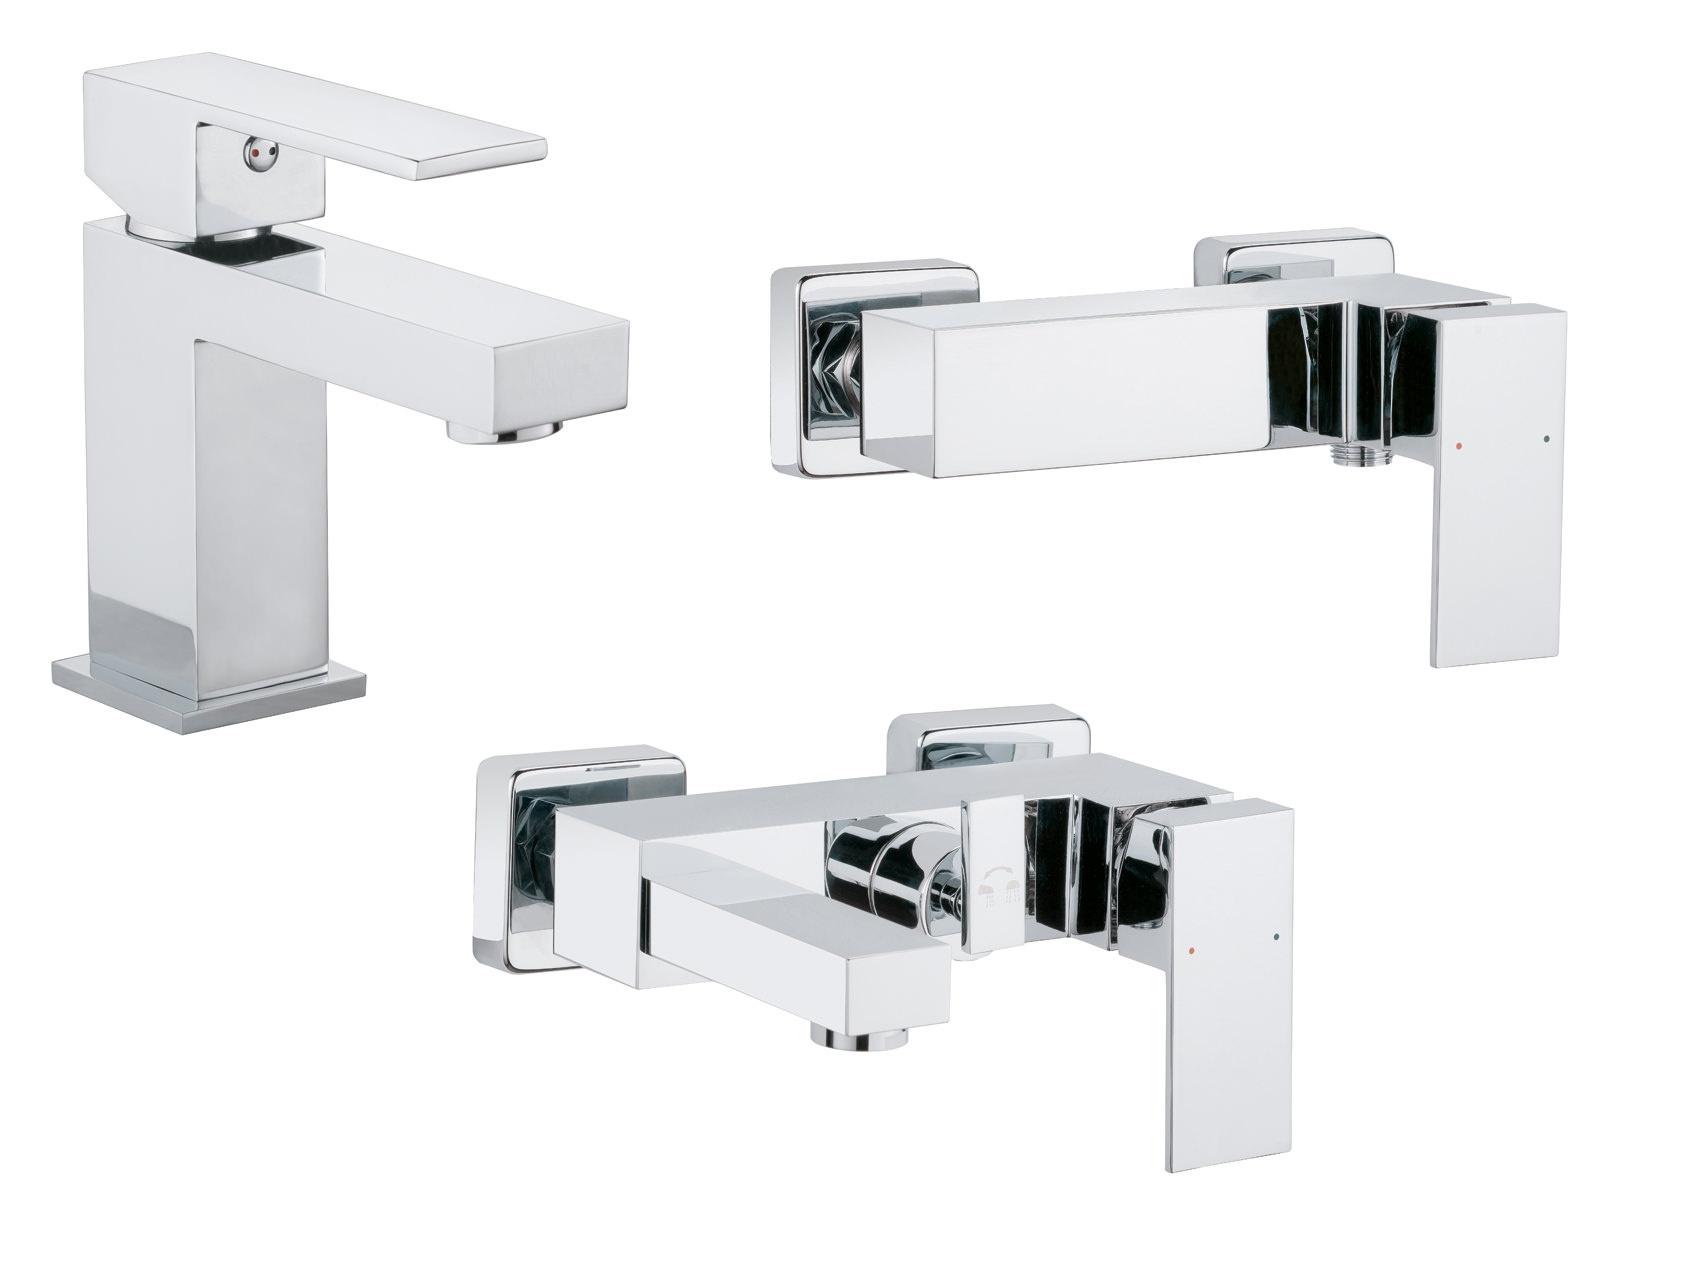 Häufig Moderne Armaturen für Waschtisch, Dusche, Wanne | Calmwaters RK94